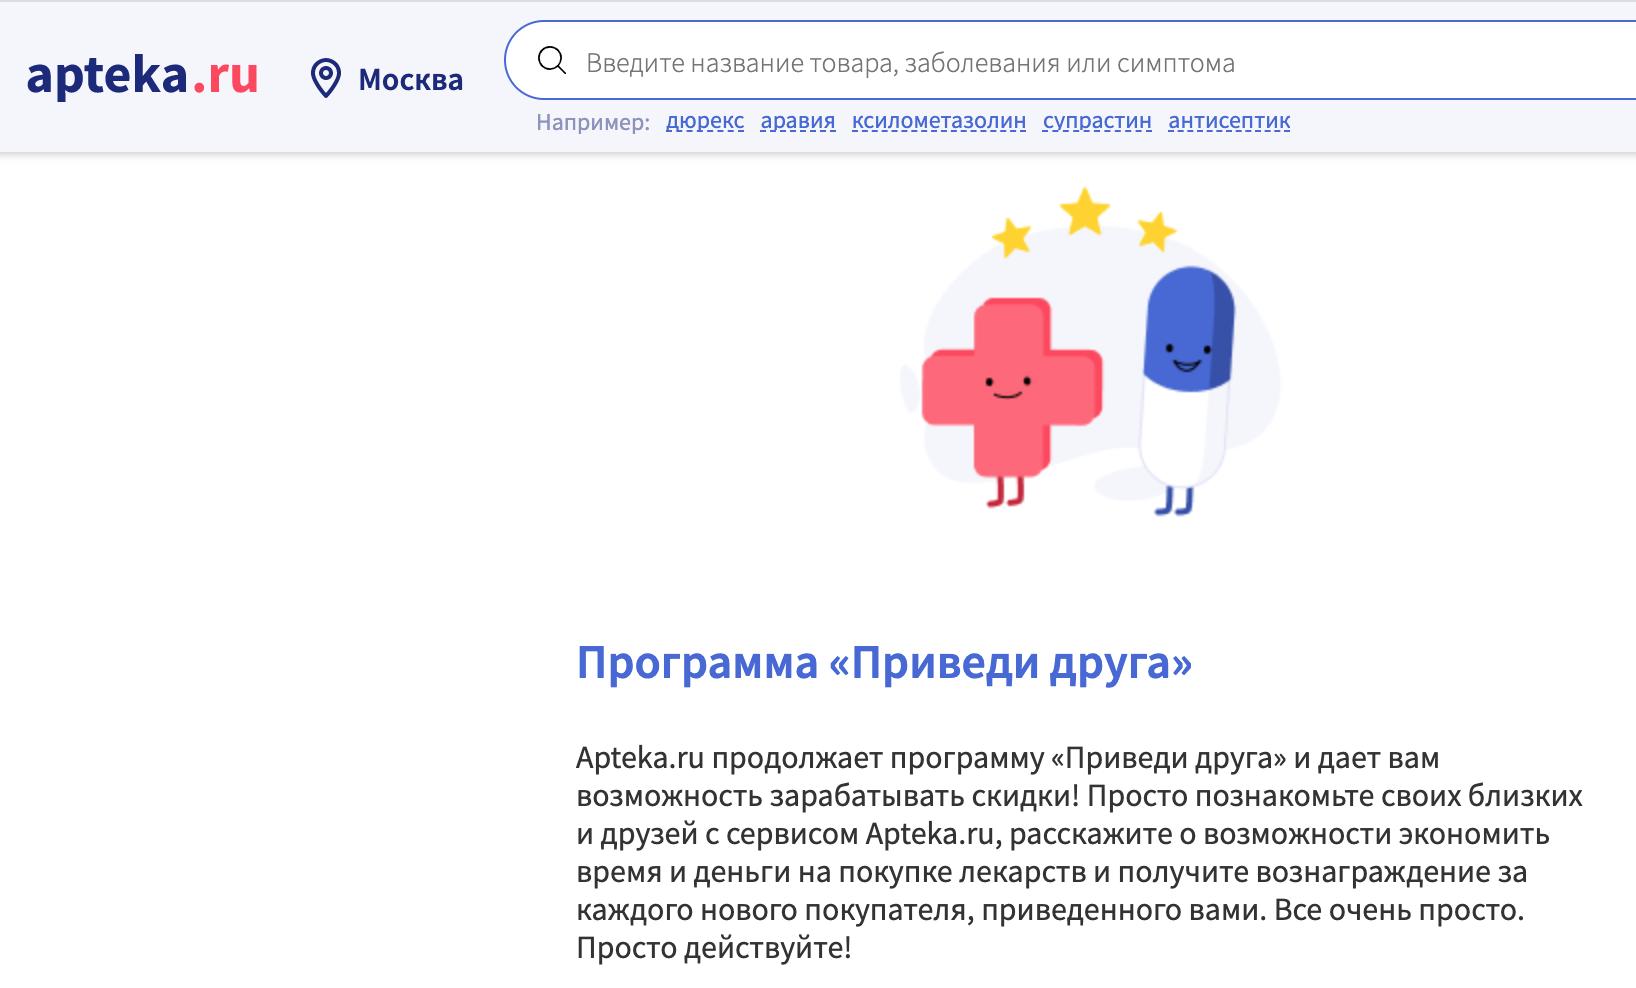 Реферальная программа интернет-магазина Apteka.ru